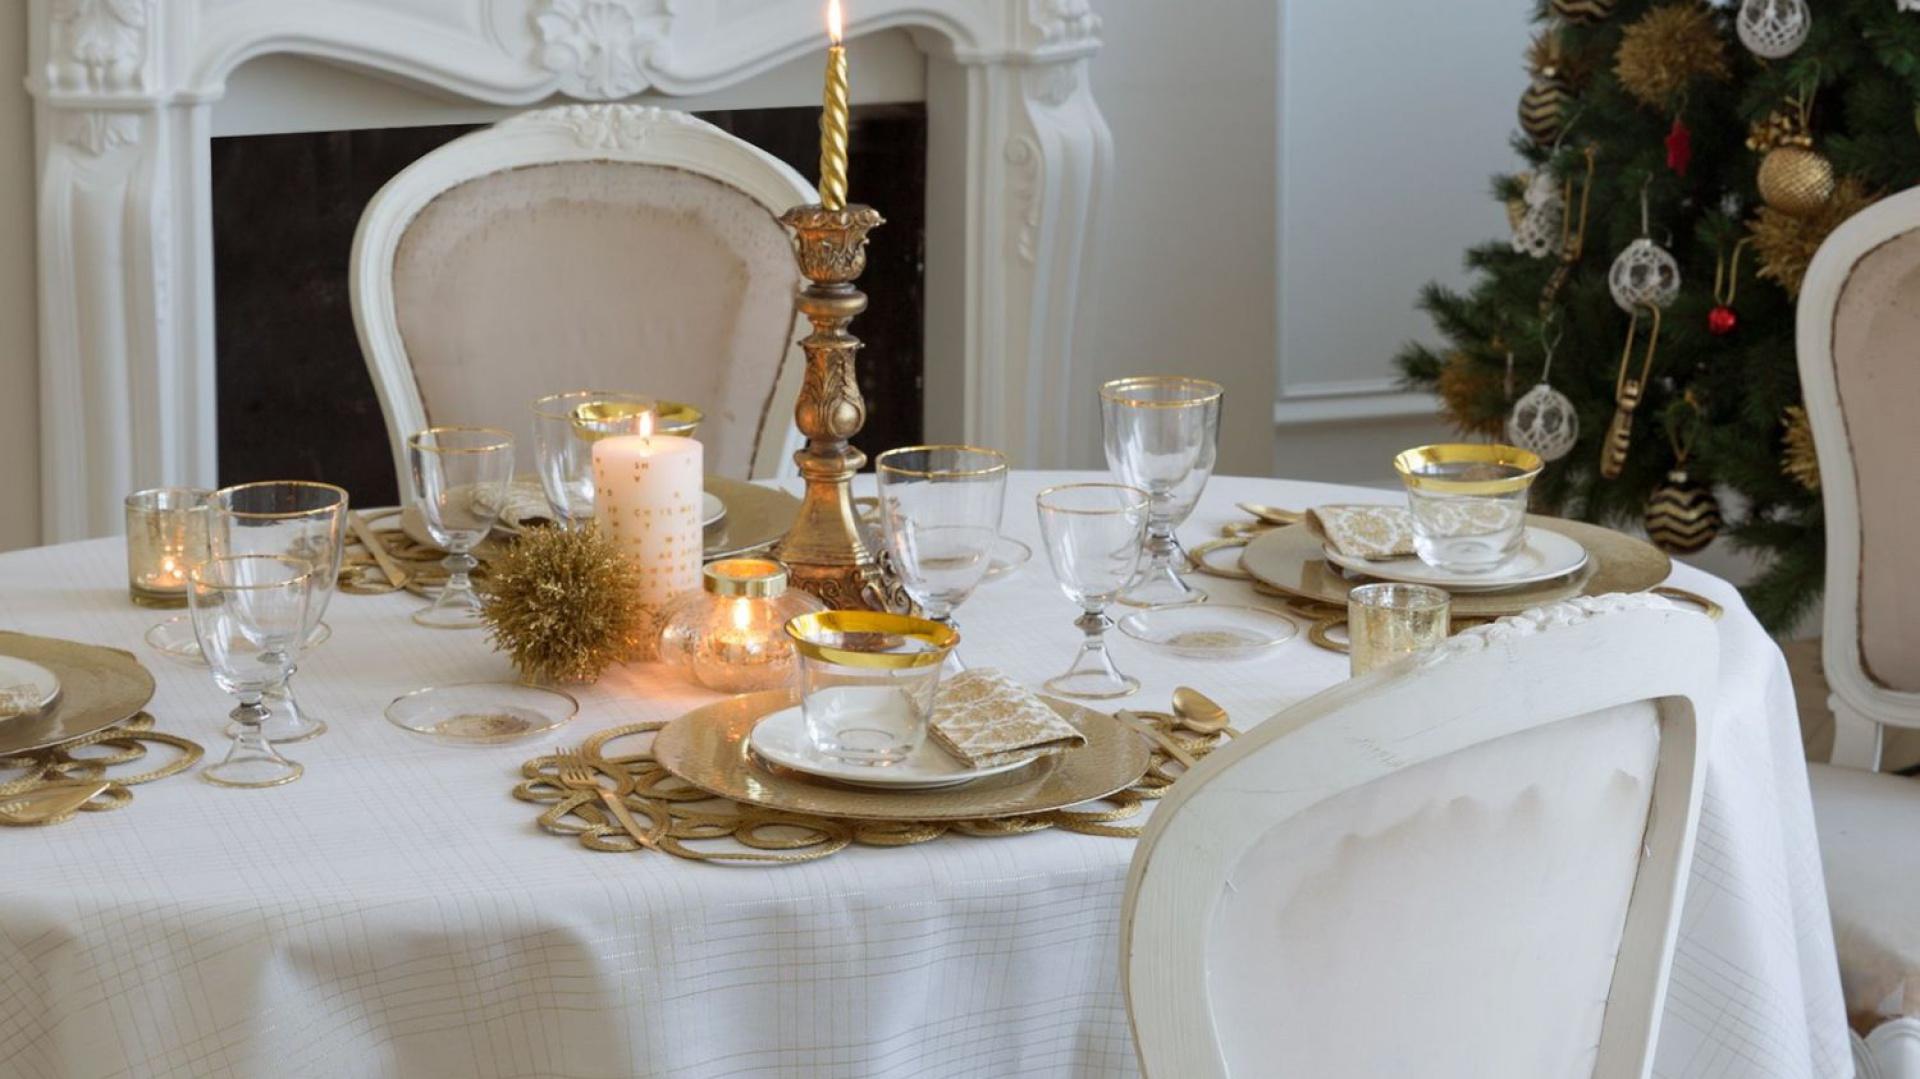 Stół Na święta 12 Pięknych Zdjęć